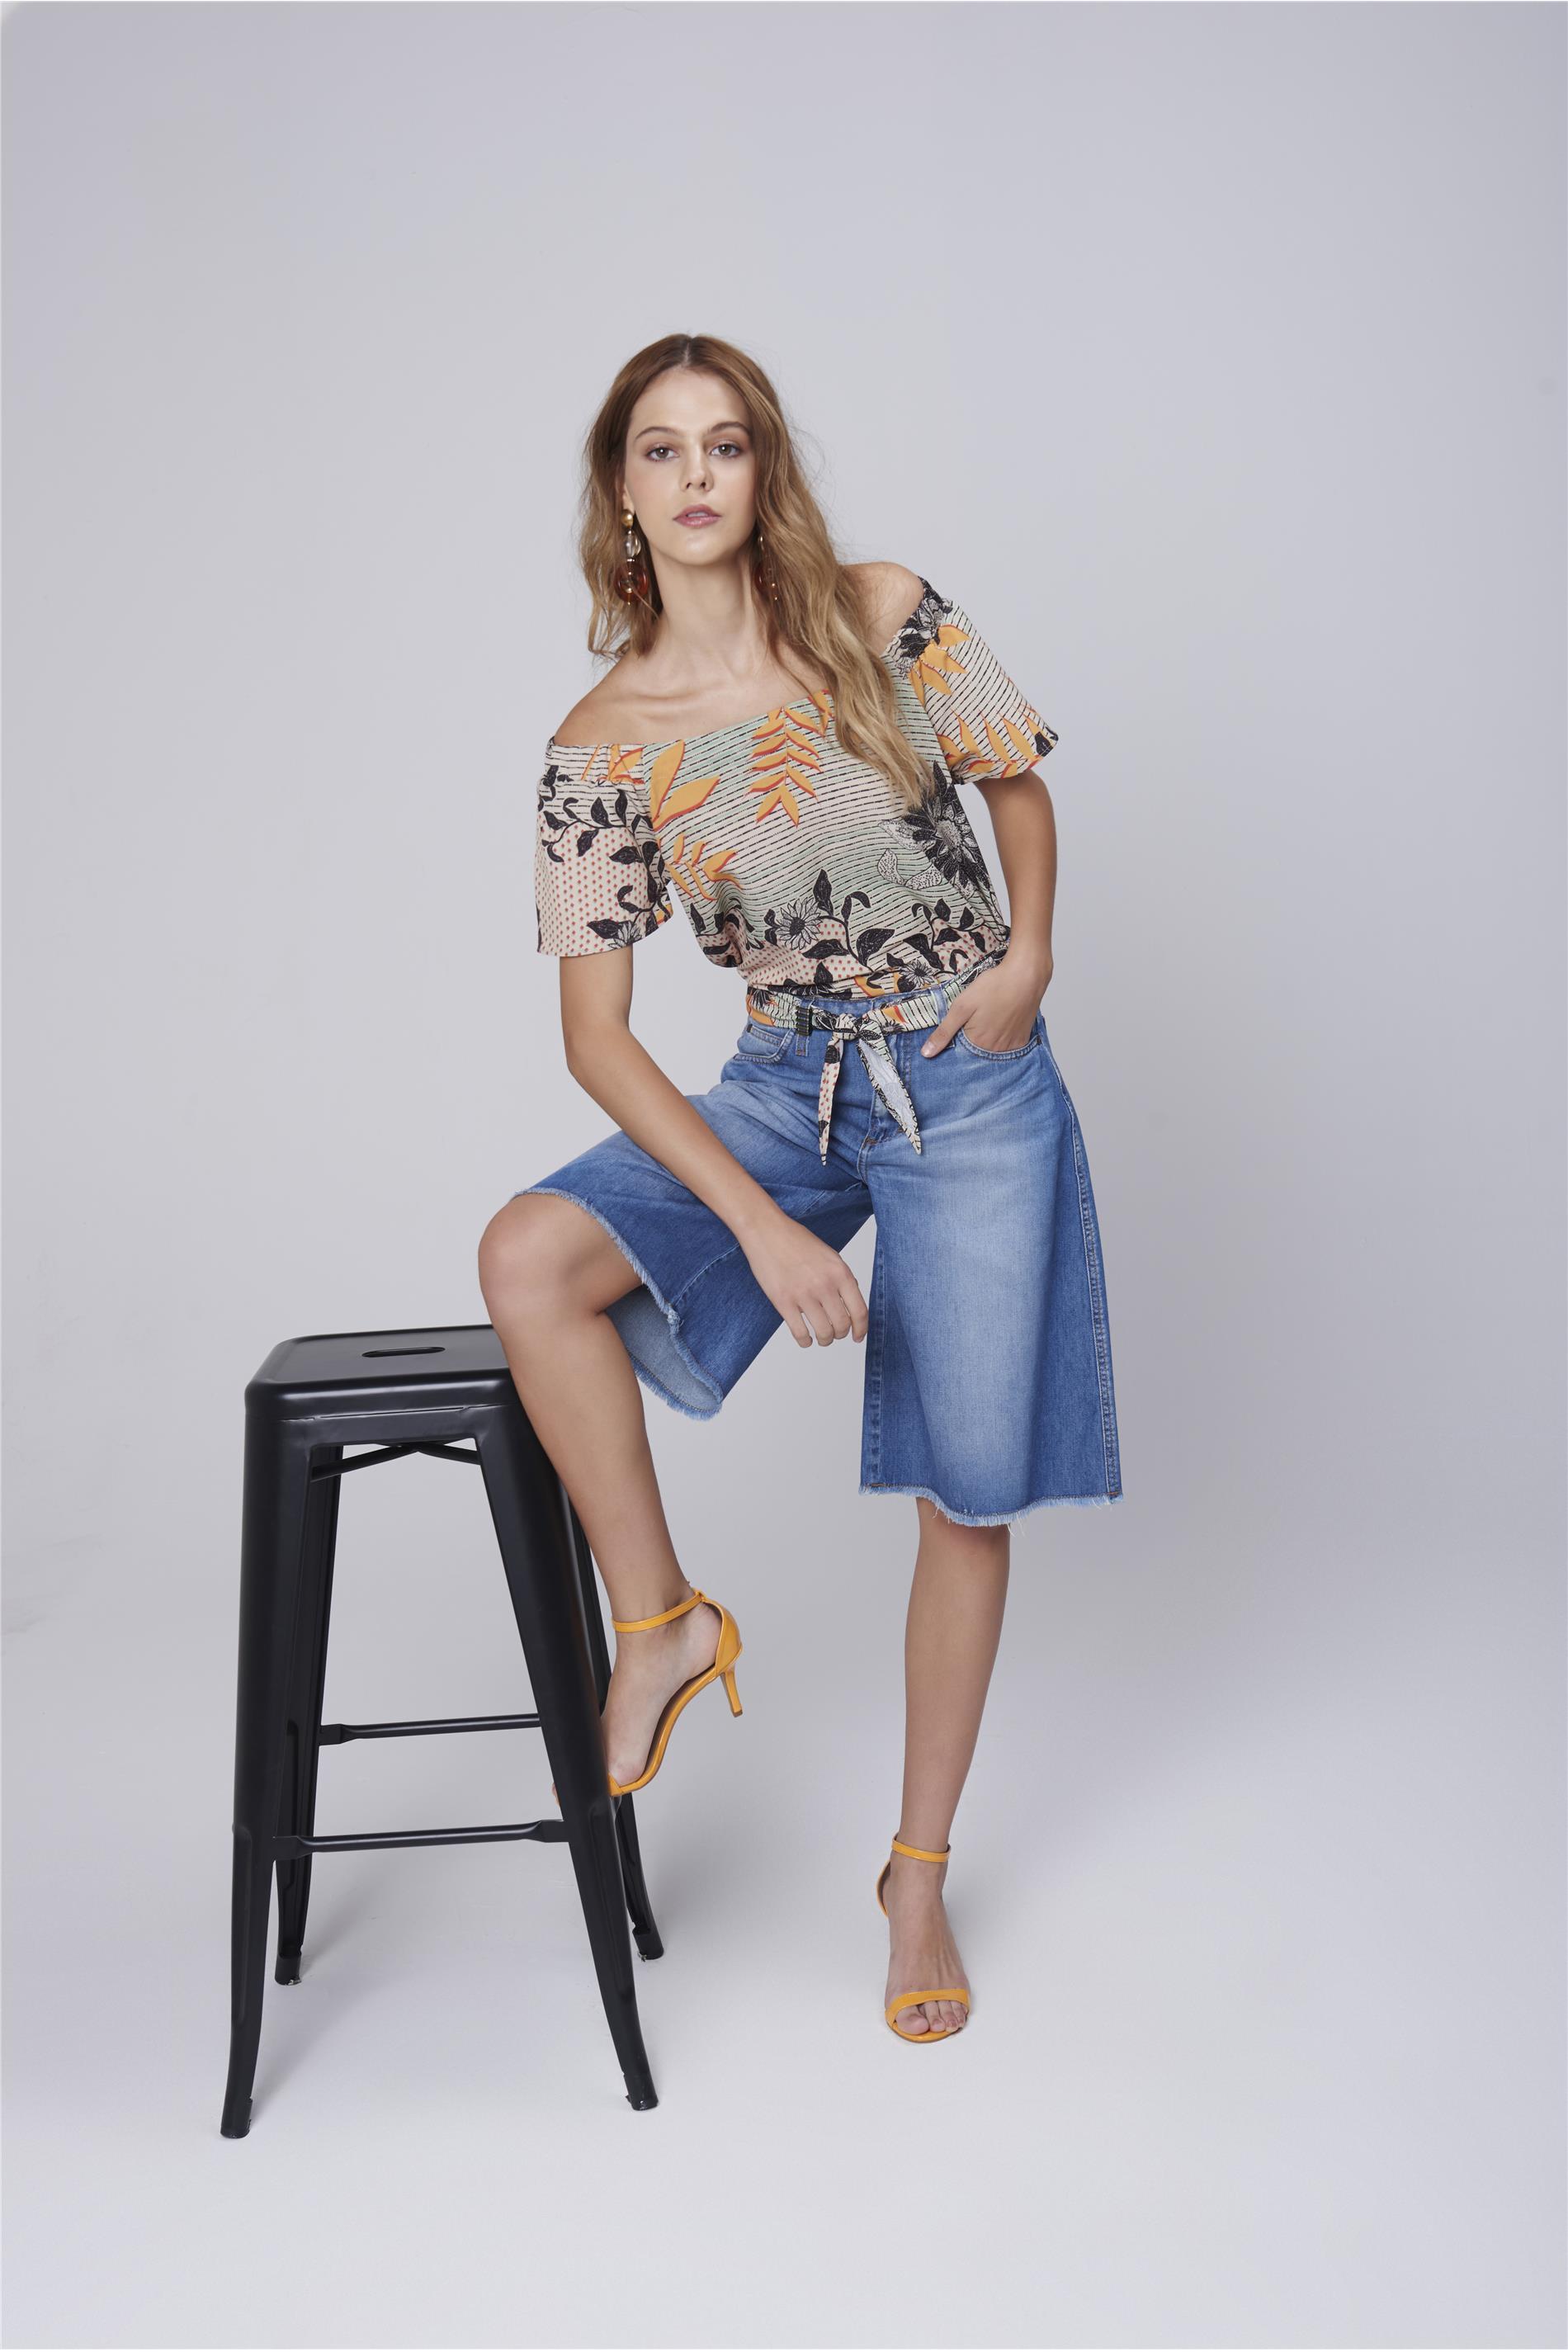 5b28bb8d5 Bermuda Feminina Jeans Cinto de Lenço - Damyller